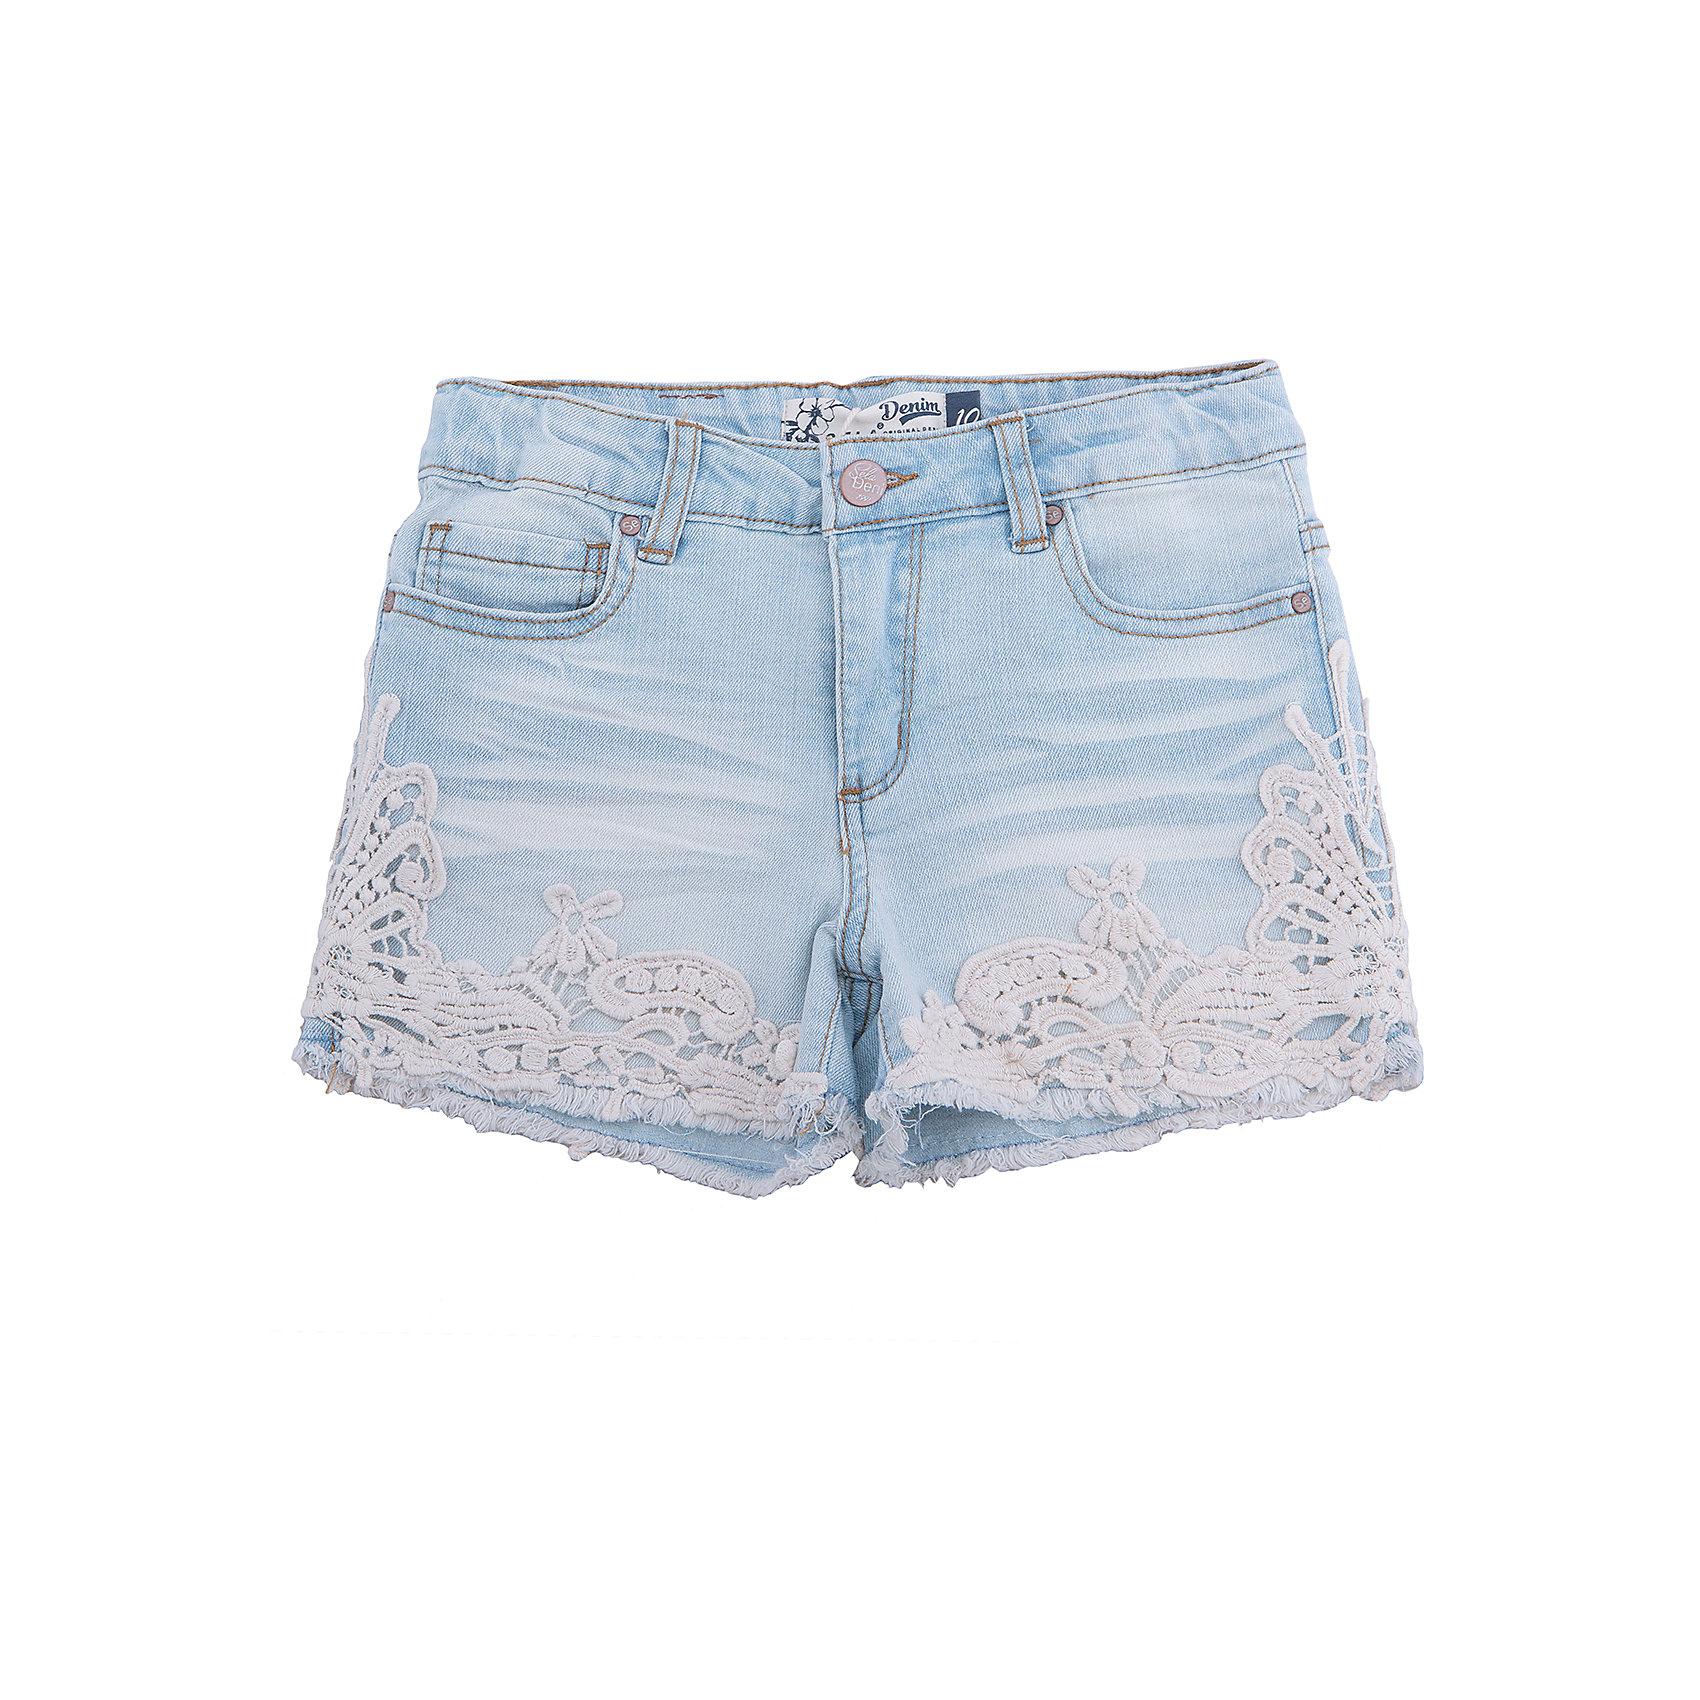 Шорты джинсовые для девочки SELAДжинсовая одежда<br>Шорты джинсовые для девочки от известного бренда SELA<br>Состав:<br>95% хлопок, 3% ПЭ, 2% эластан<br><br>Ширина мм: 191<br>Глубина мм: 10<br>Высота мм: 175<br>Вес г: 273<br>Цвет: голубой<br>Возраст от месяцев: 96<br>Возраст до месяцев: 108<br>Пол: Женский<br>Возраст: Детский<br>Размер: 134,140,146,152,122,128<br>SKU: 5303034